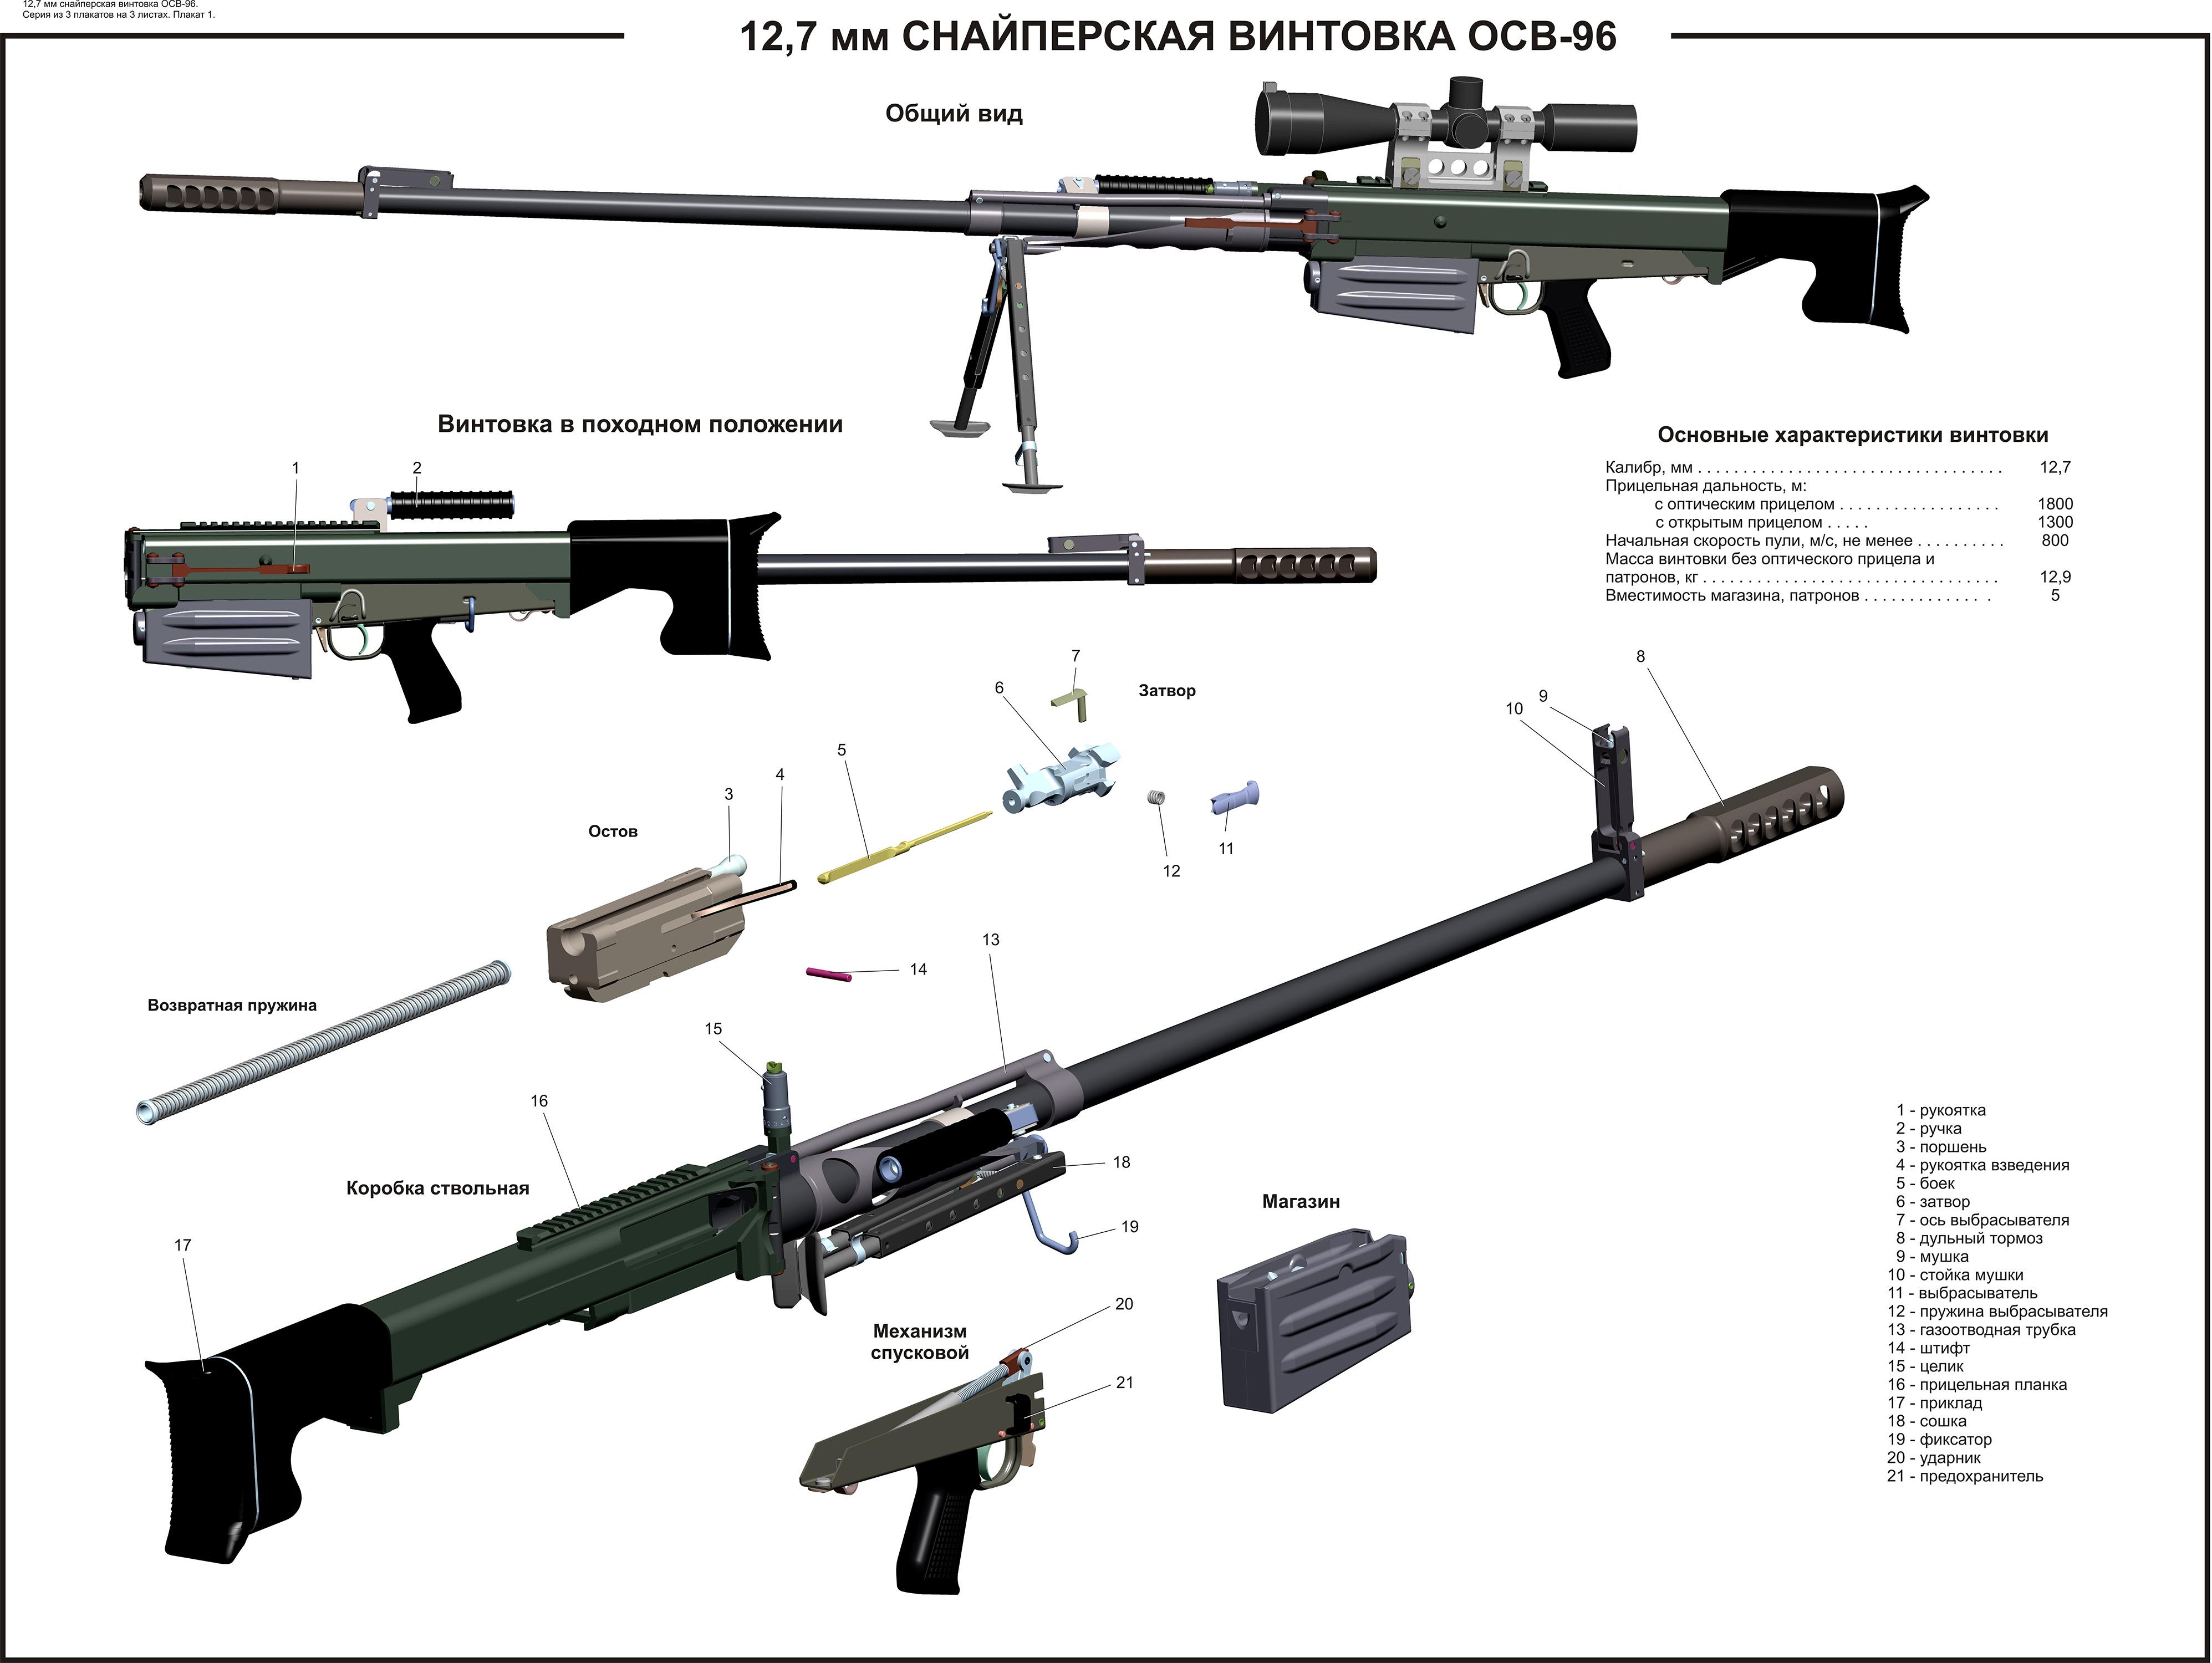 Снайперская винтовка ОСВ-96 Osv-96-1